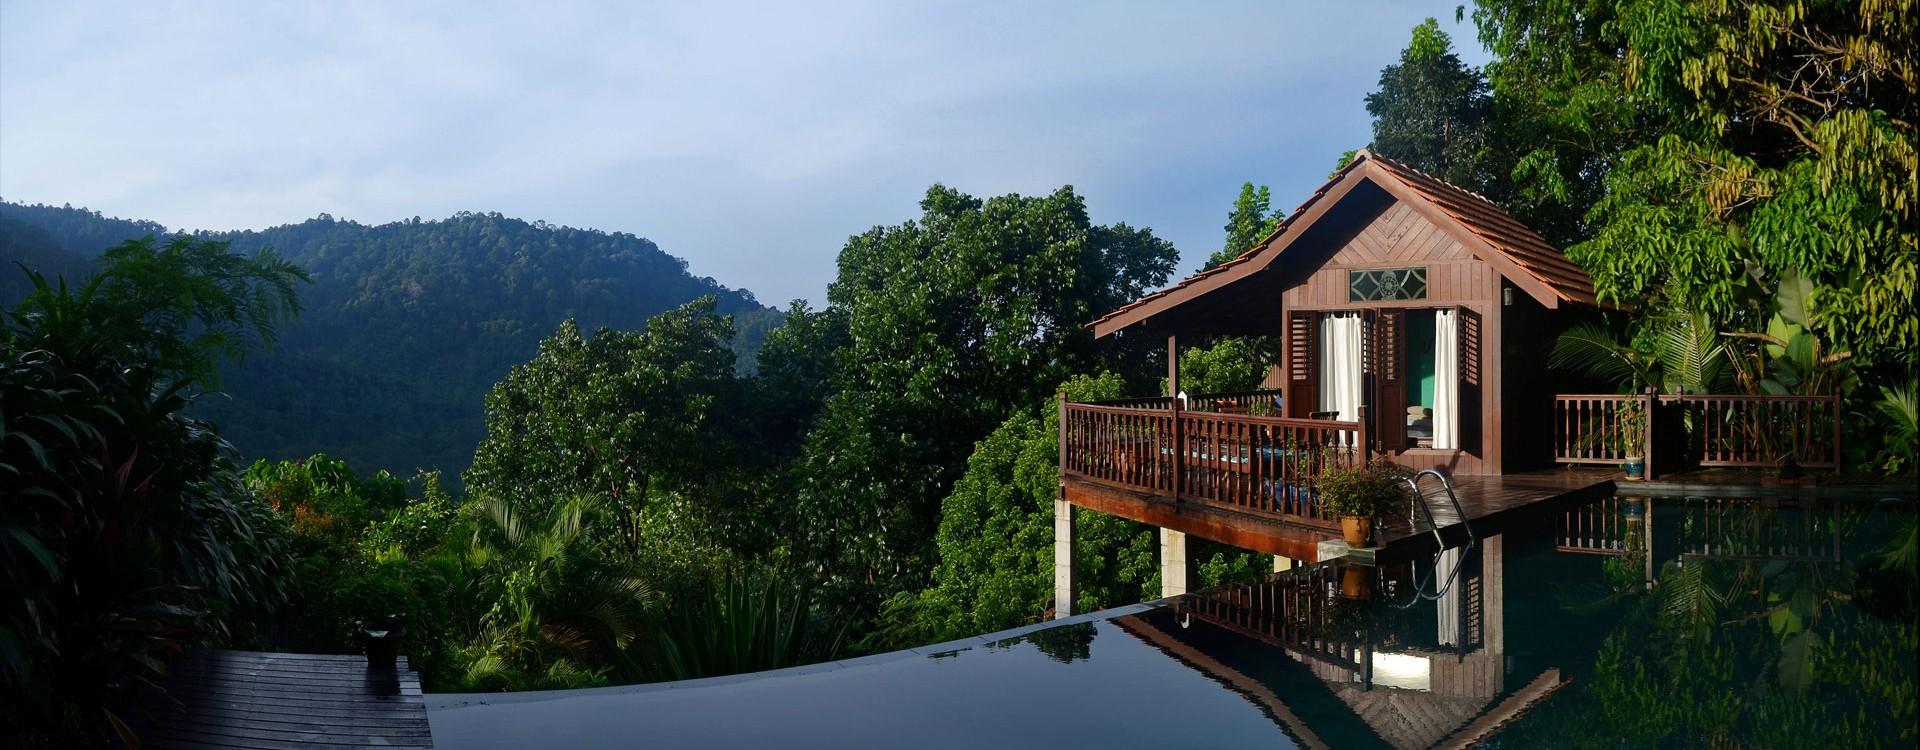 7 Tempat Percutian Menarik Di Malaysia. Unik, Lain Dari Yang Lain!